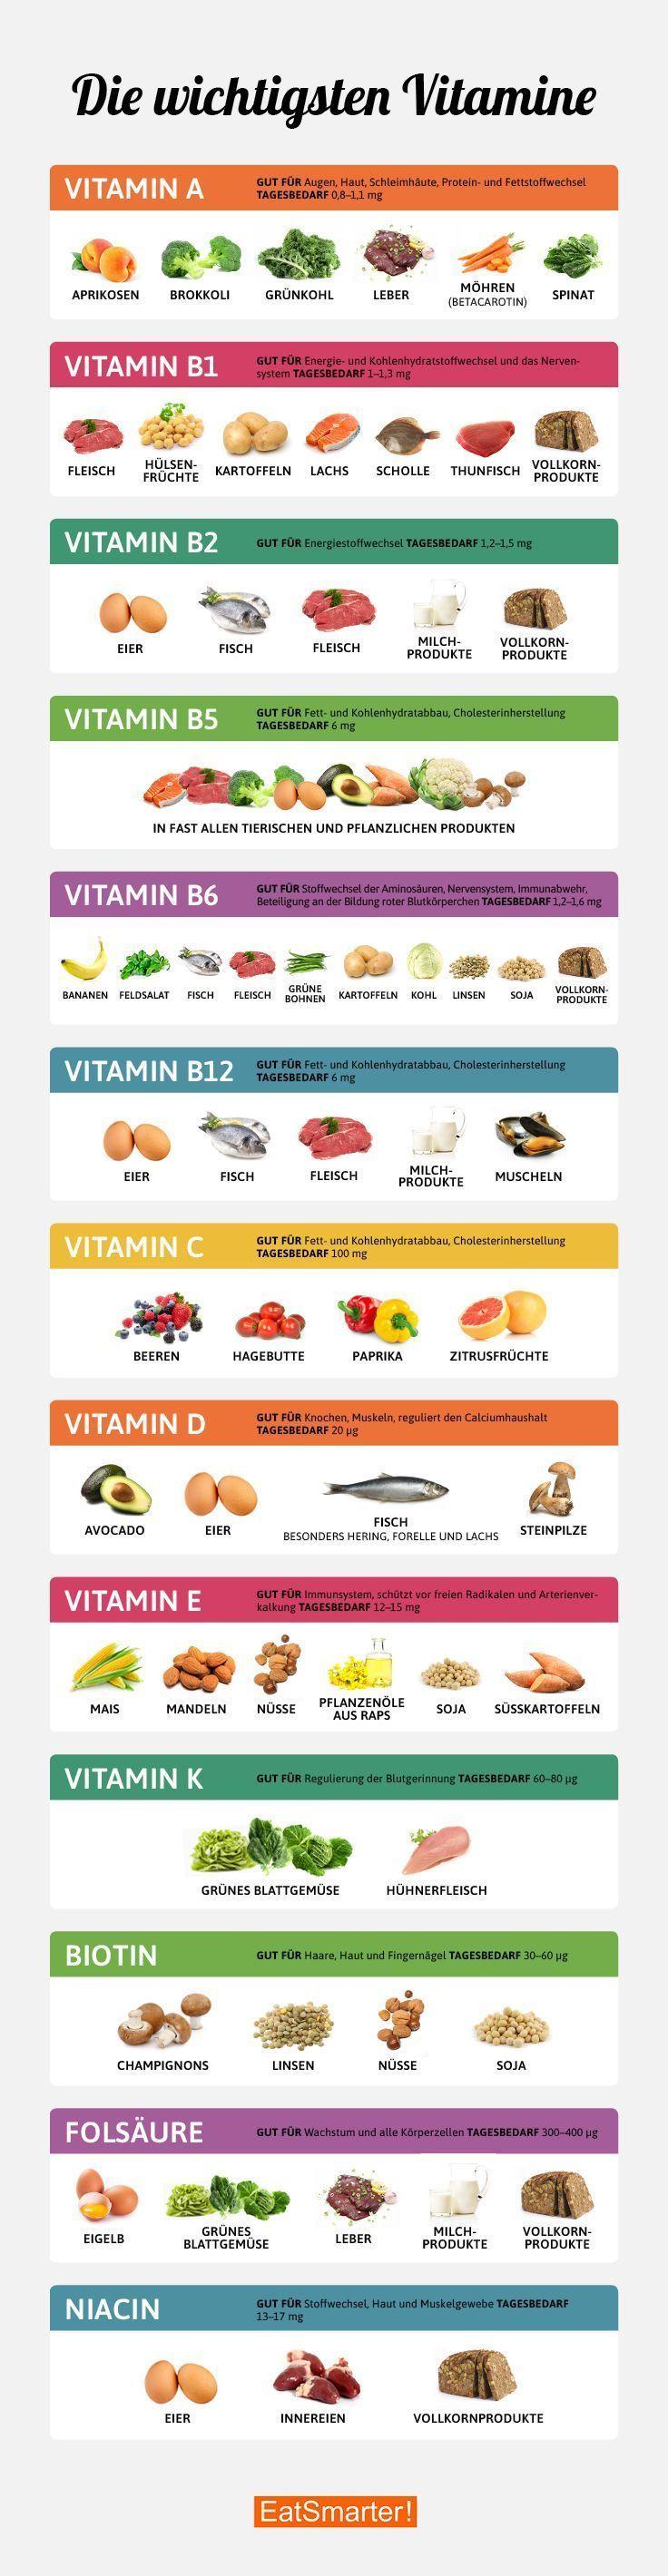 Die wichtigsten Vitamine im Überblick #vitamins